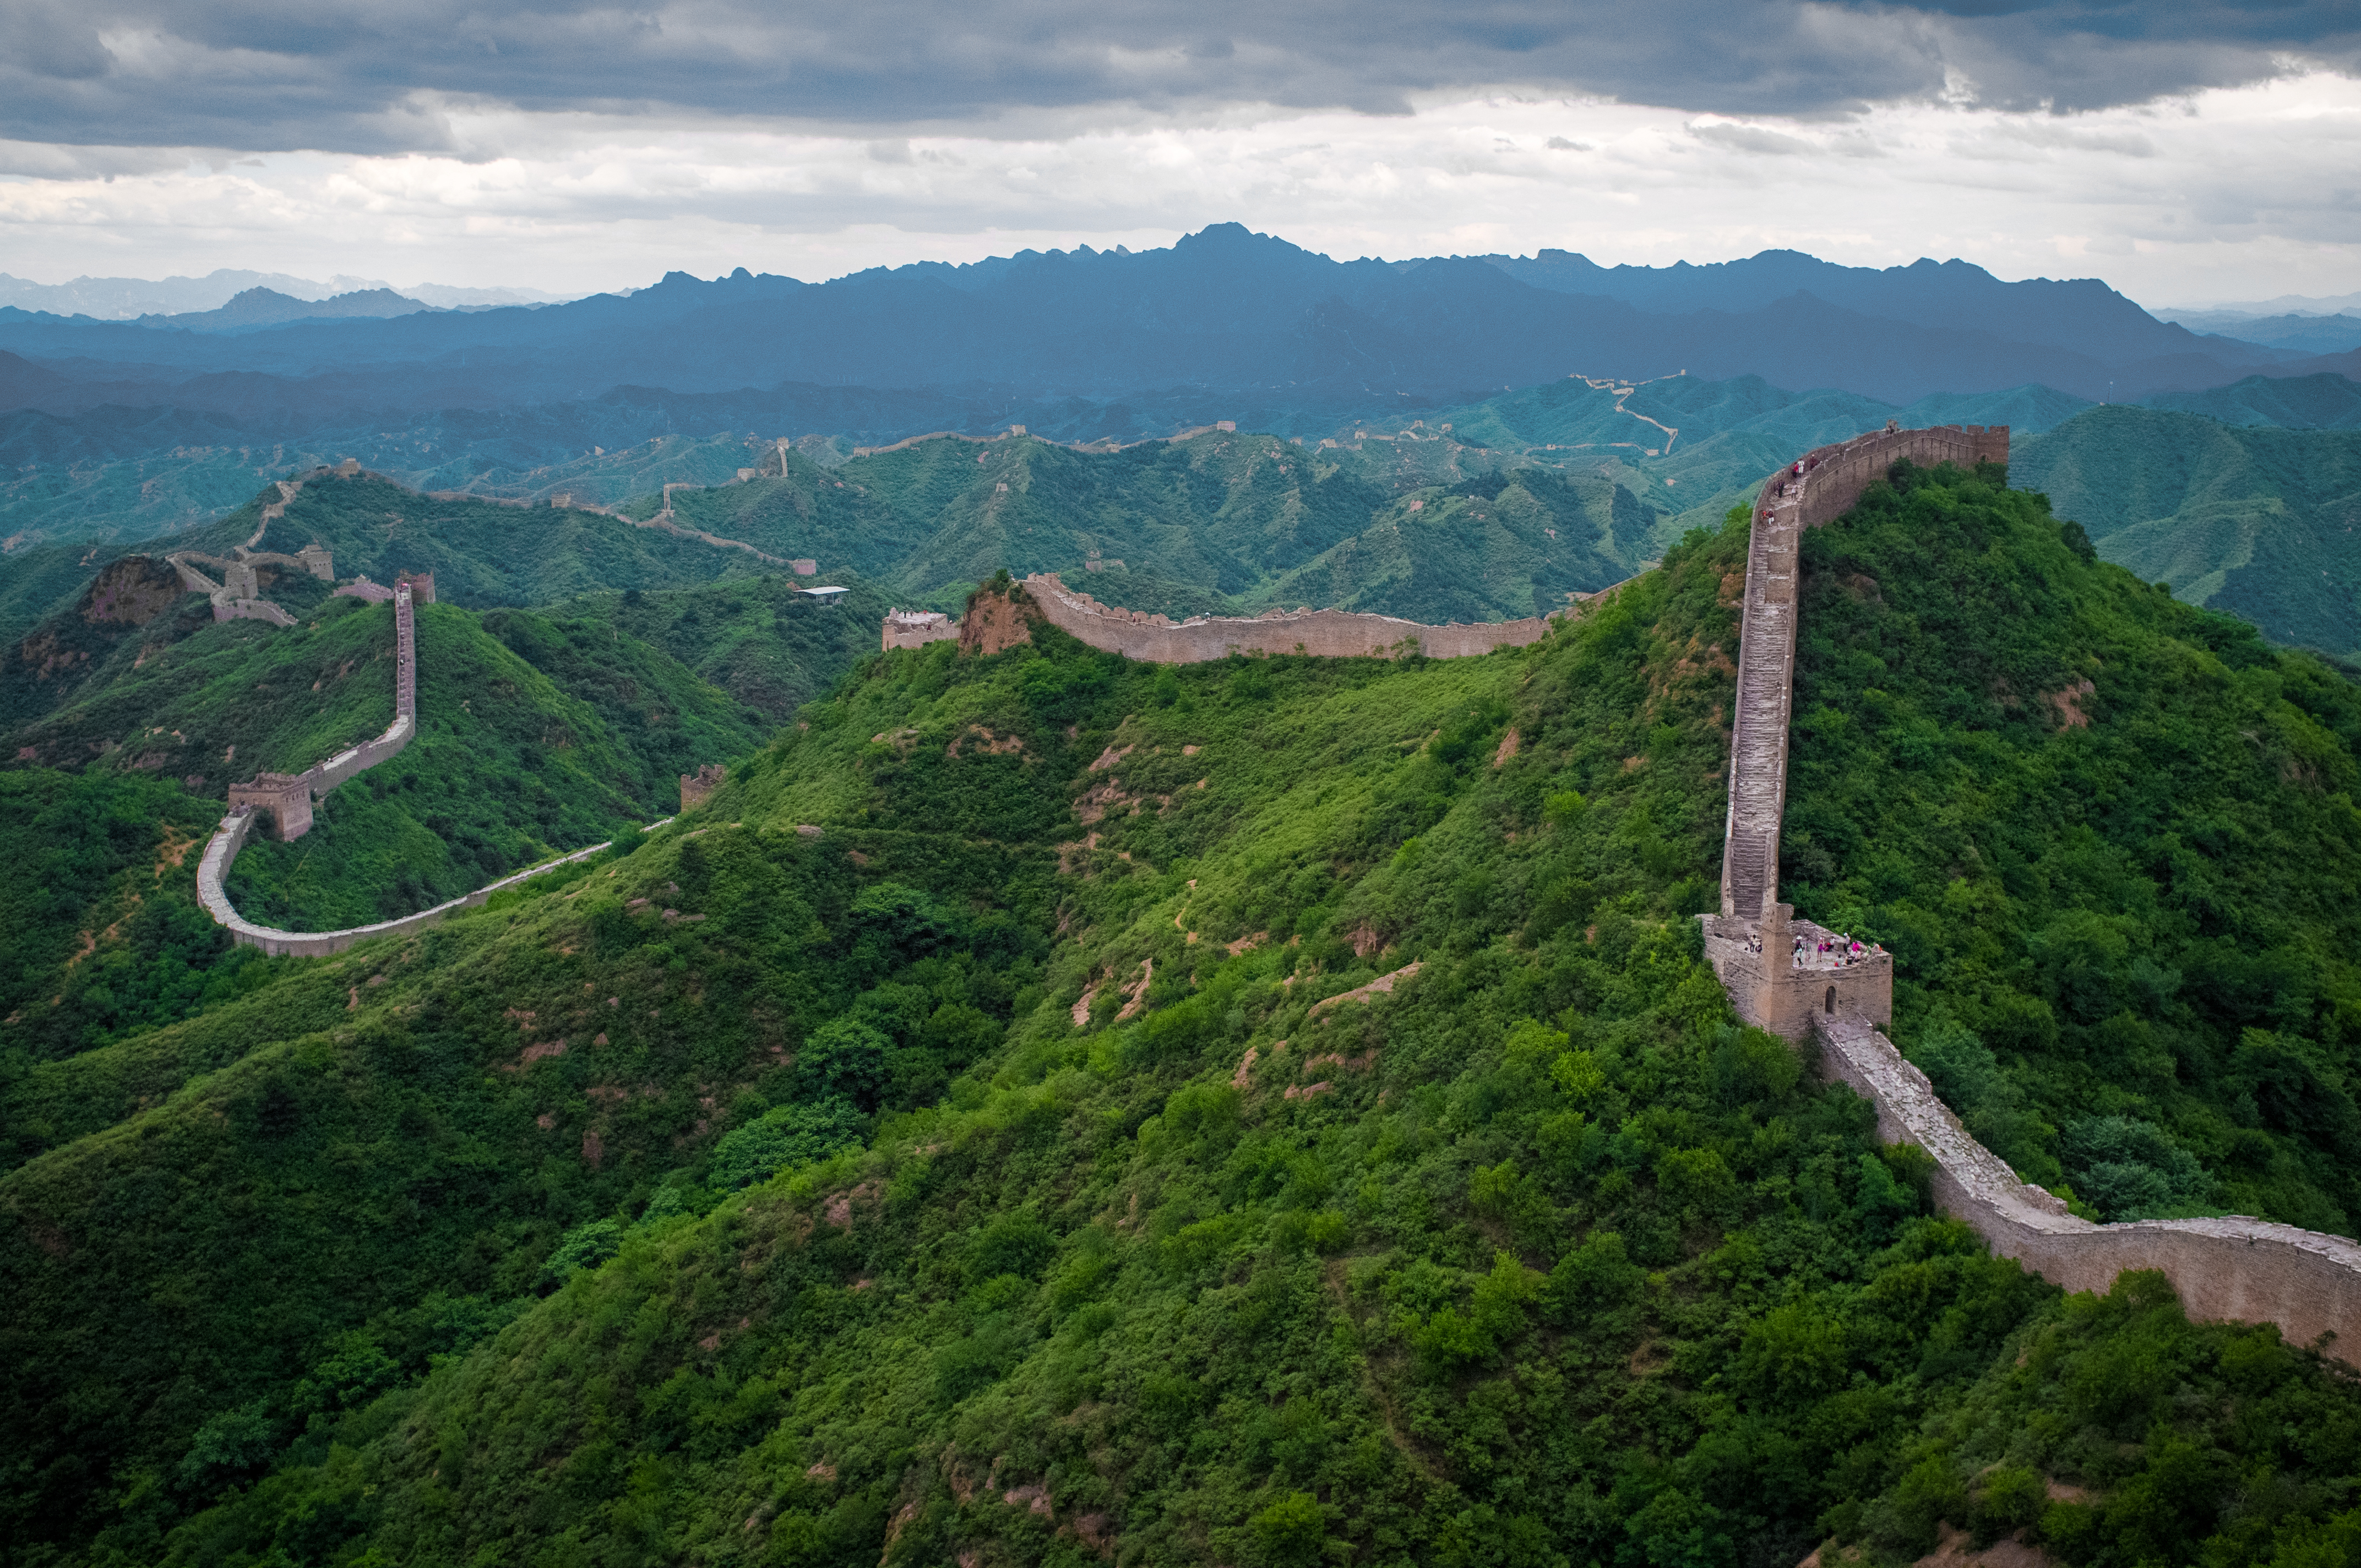 The_Great_Wall_of_China_at_Jinshanling-edit